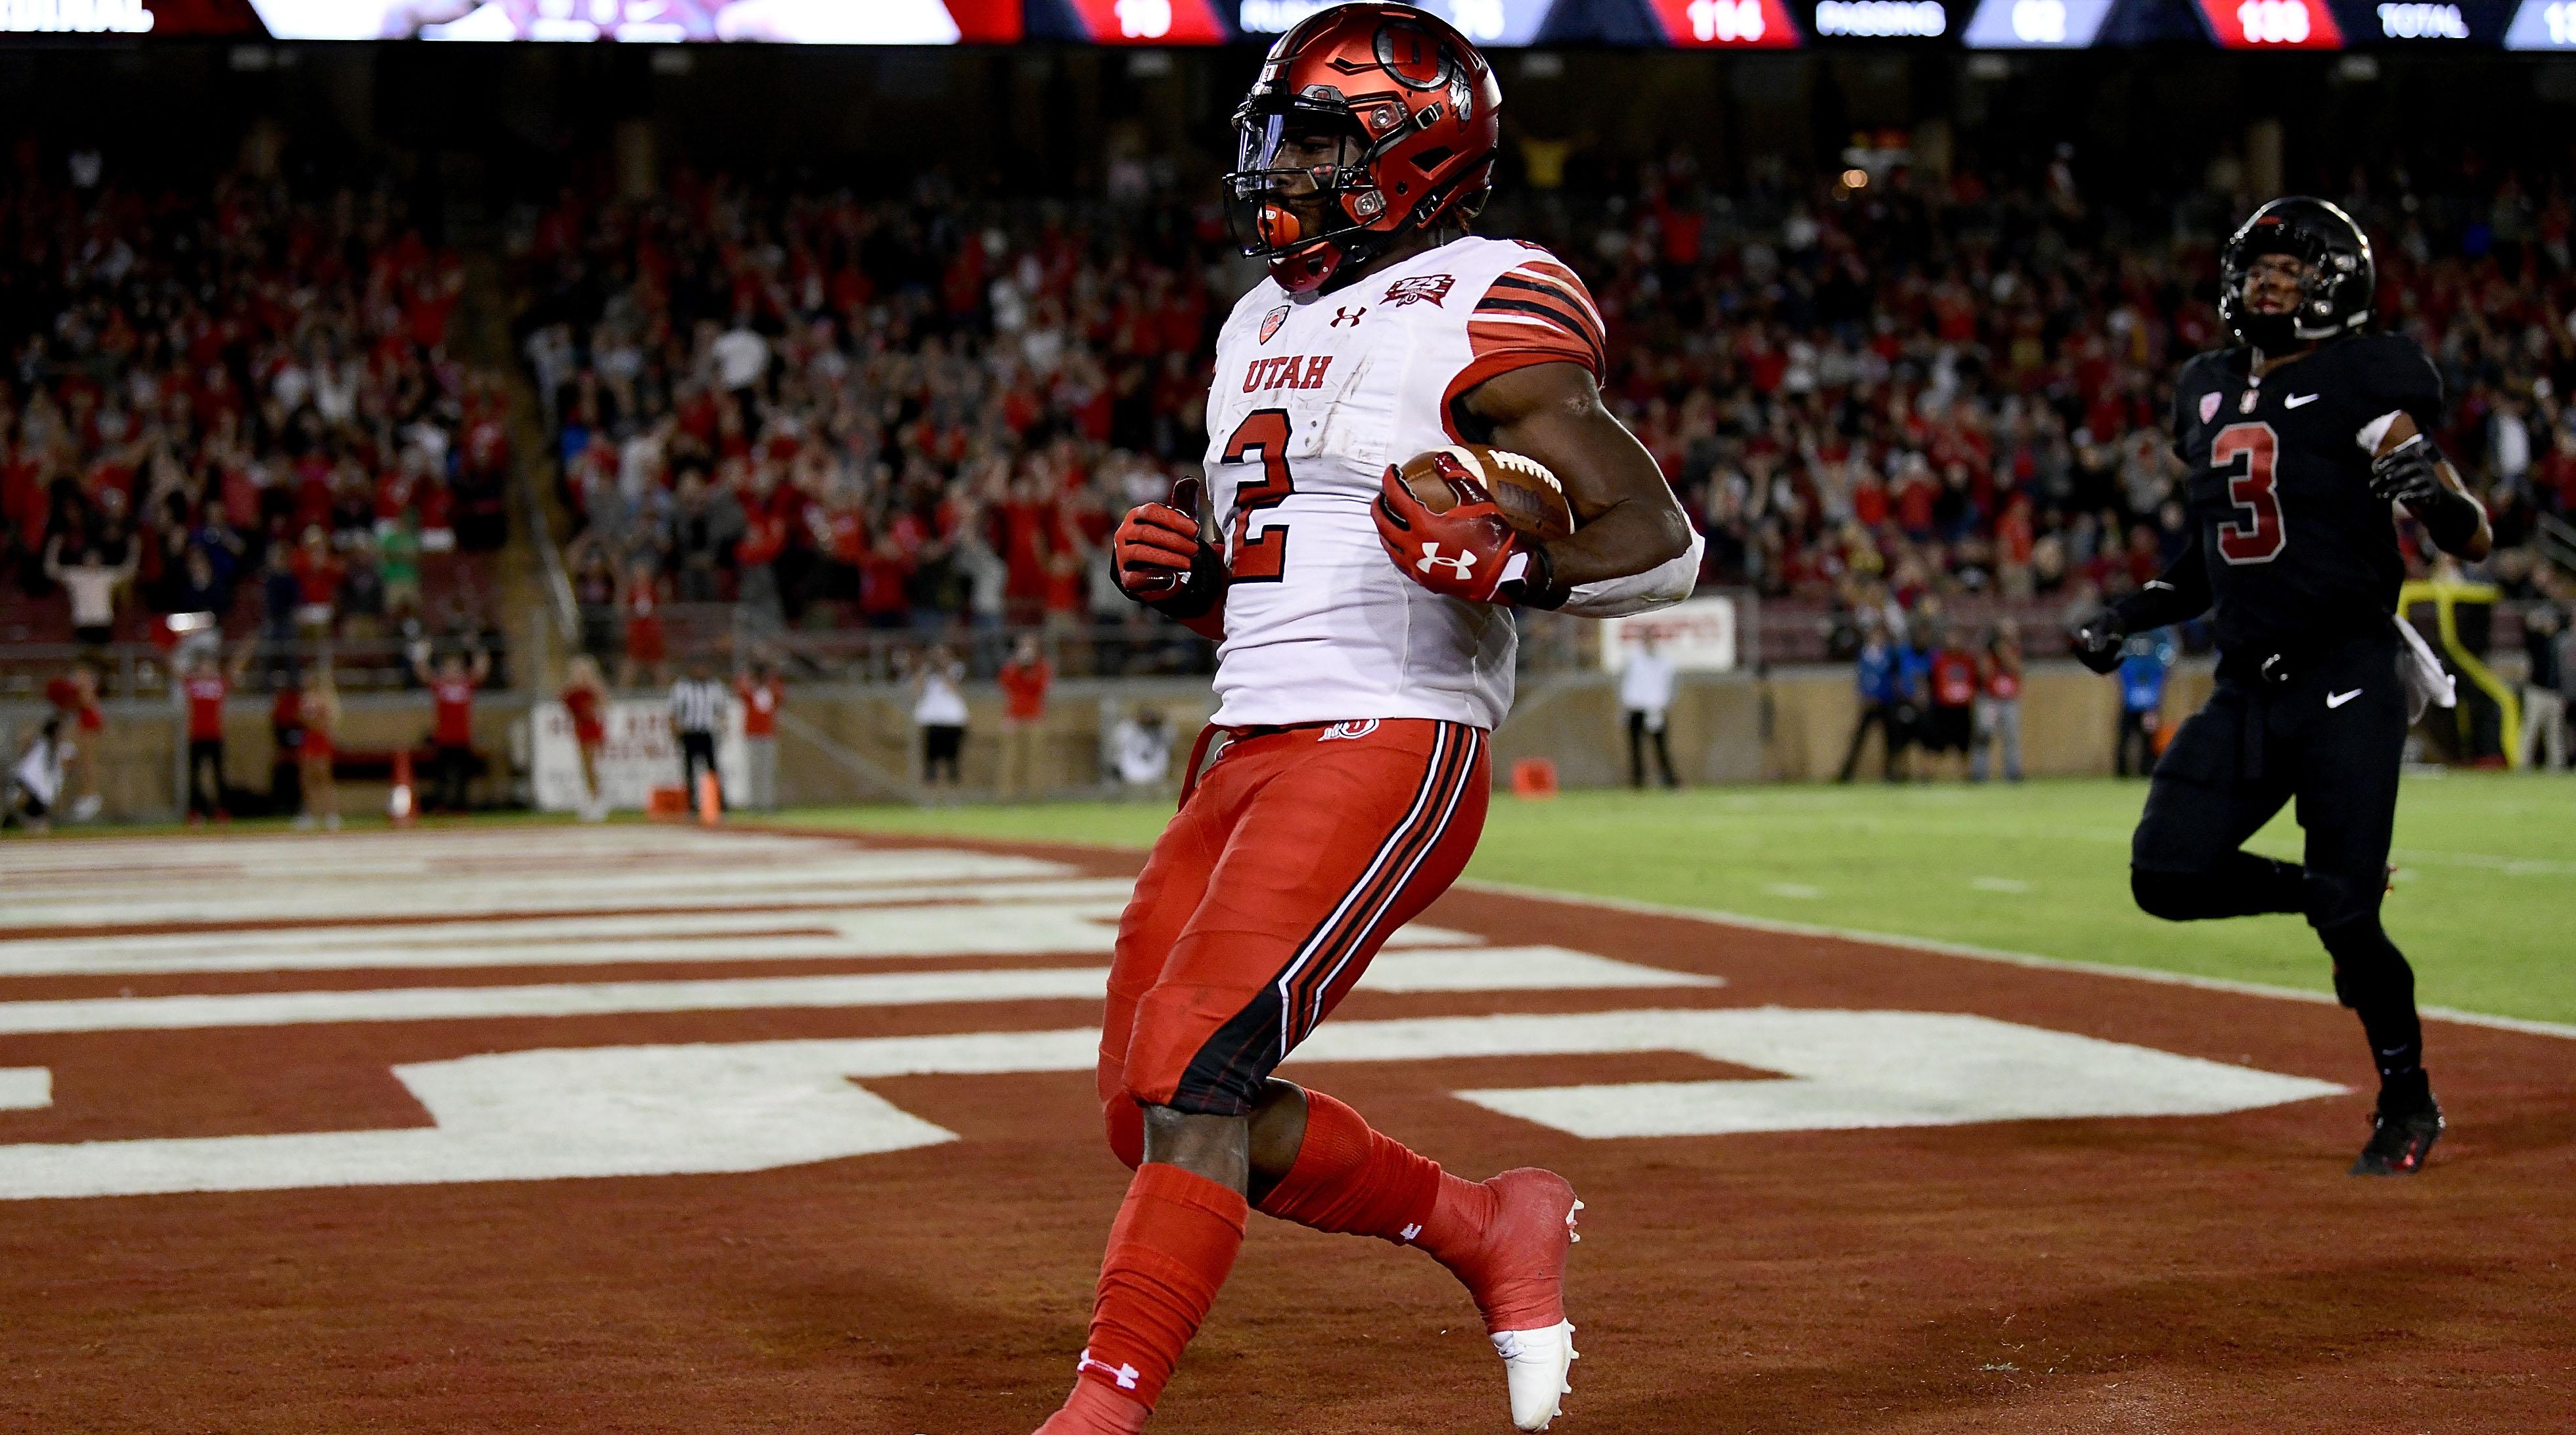 Utah RB Zack Moss